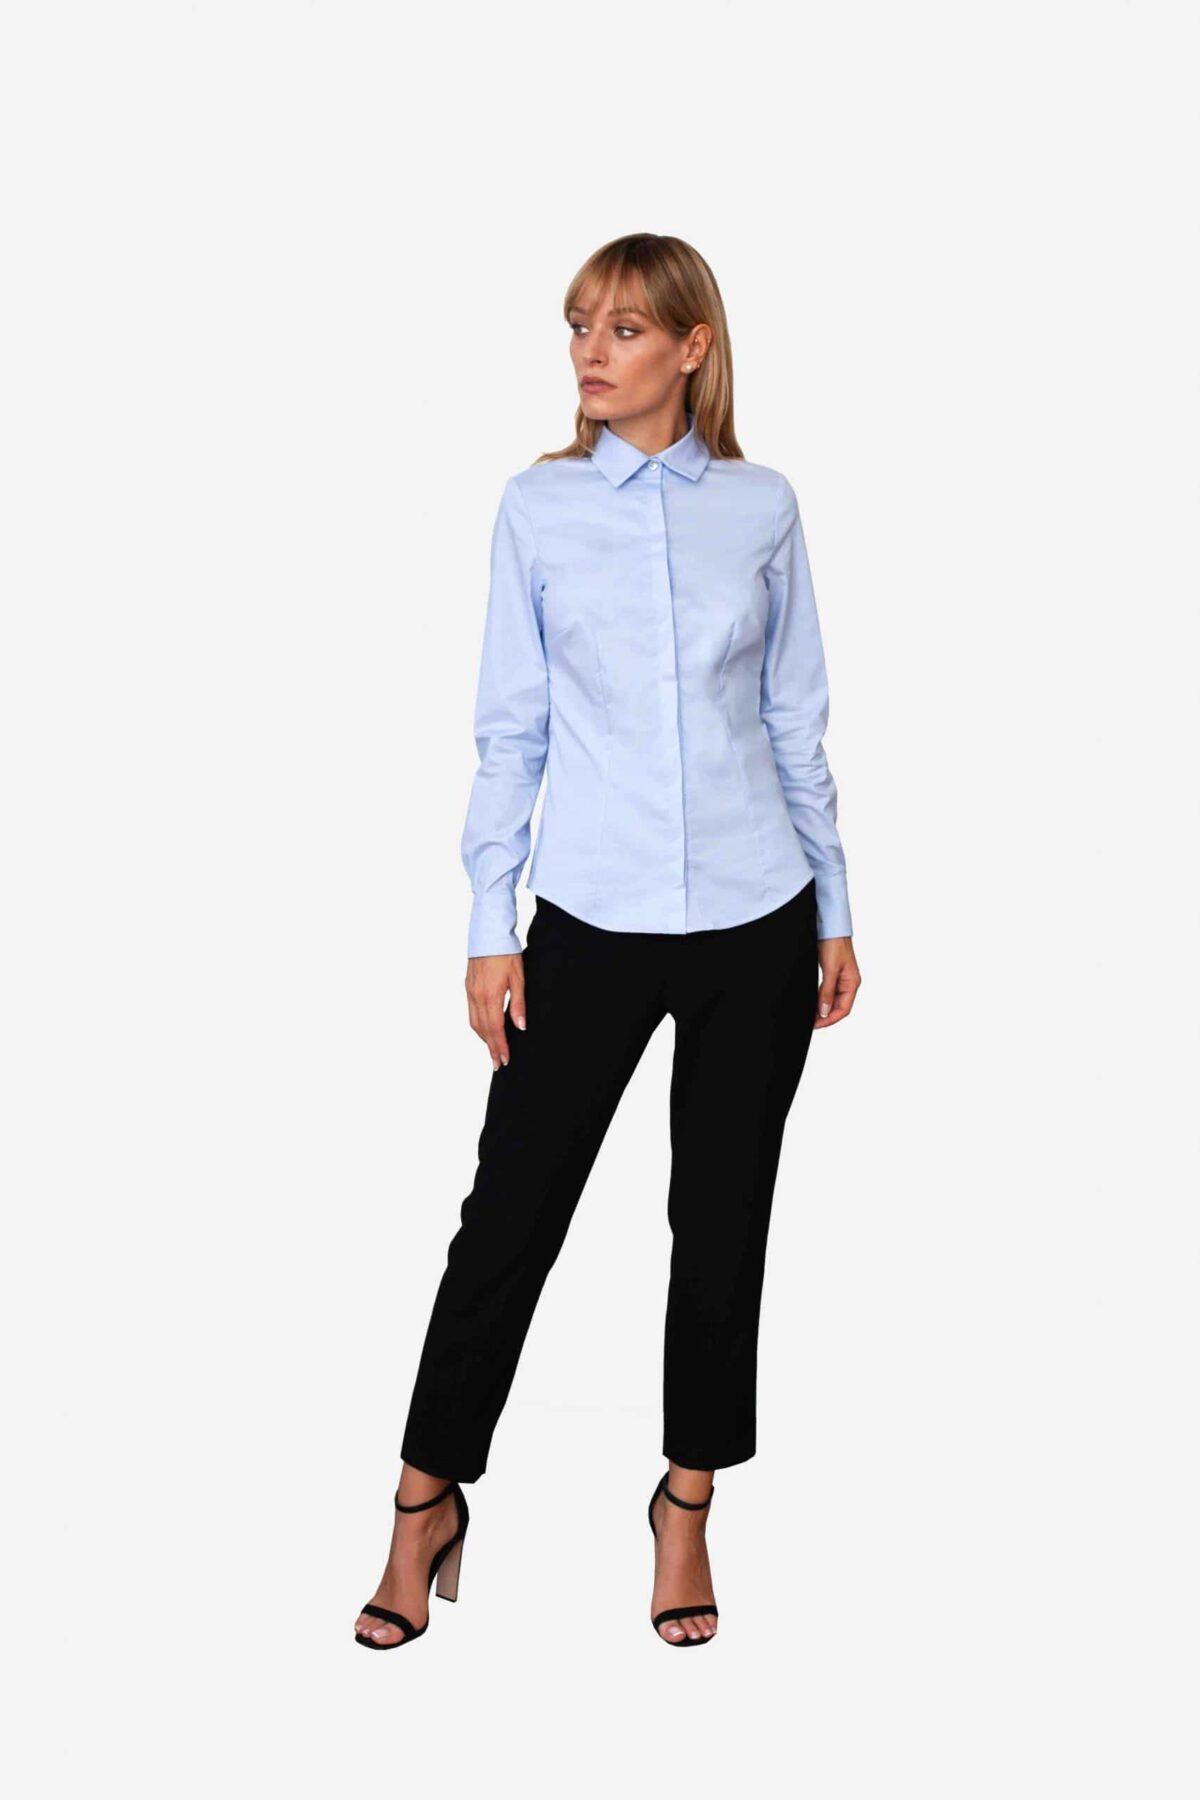 Bluse Ella von SANOGE. Klassische Business Bluse in blau. Hergestellt in Deutschland. Nachhaltig.